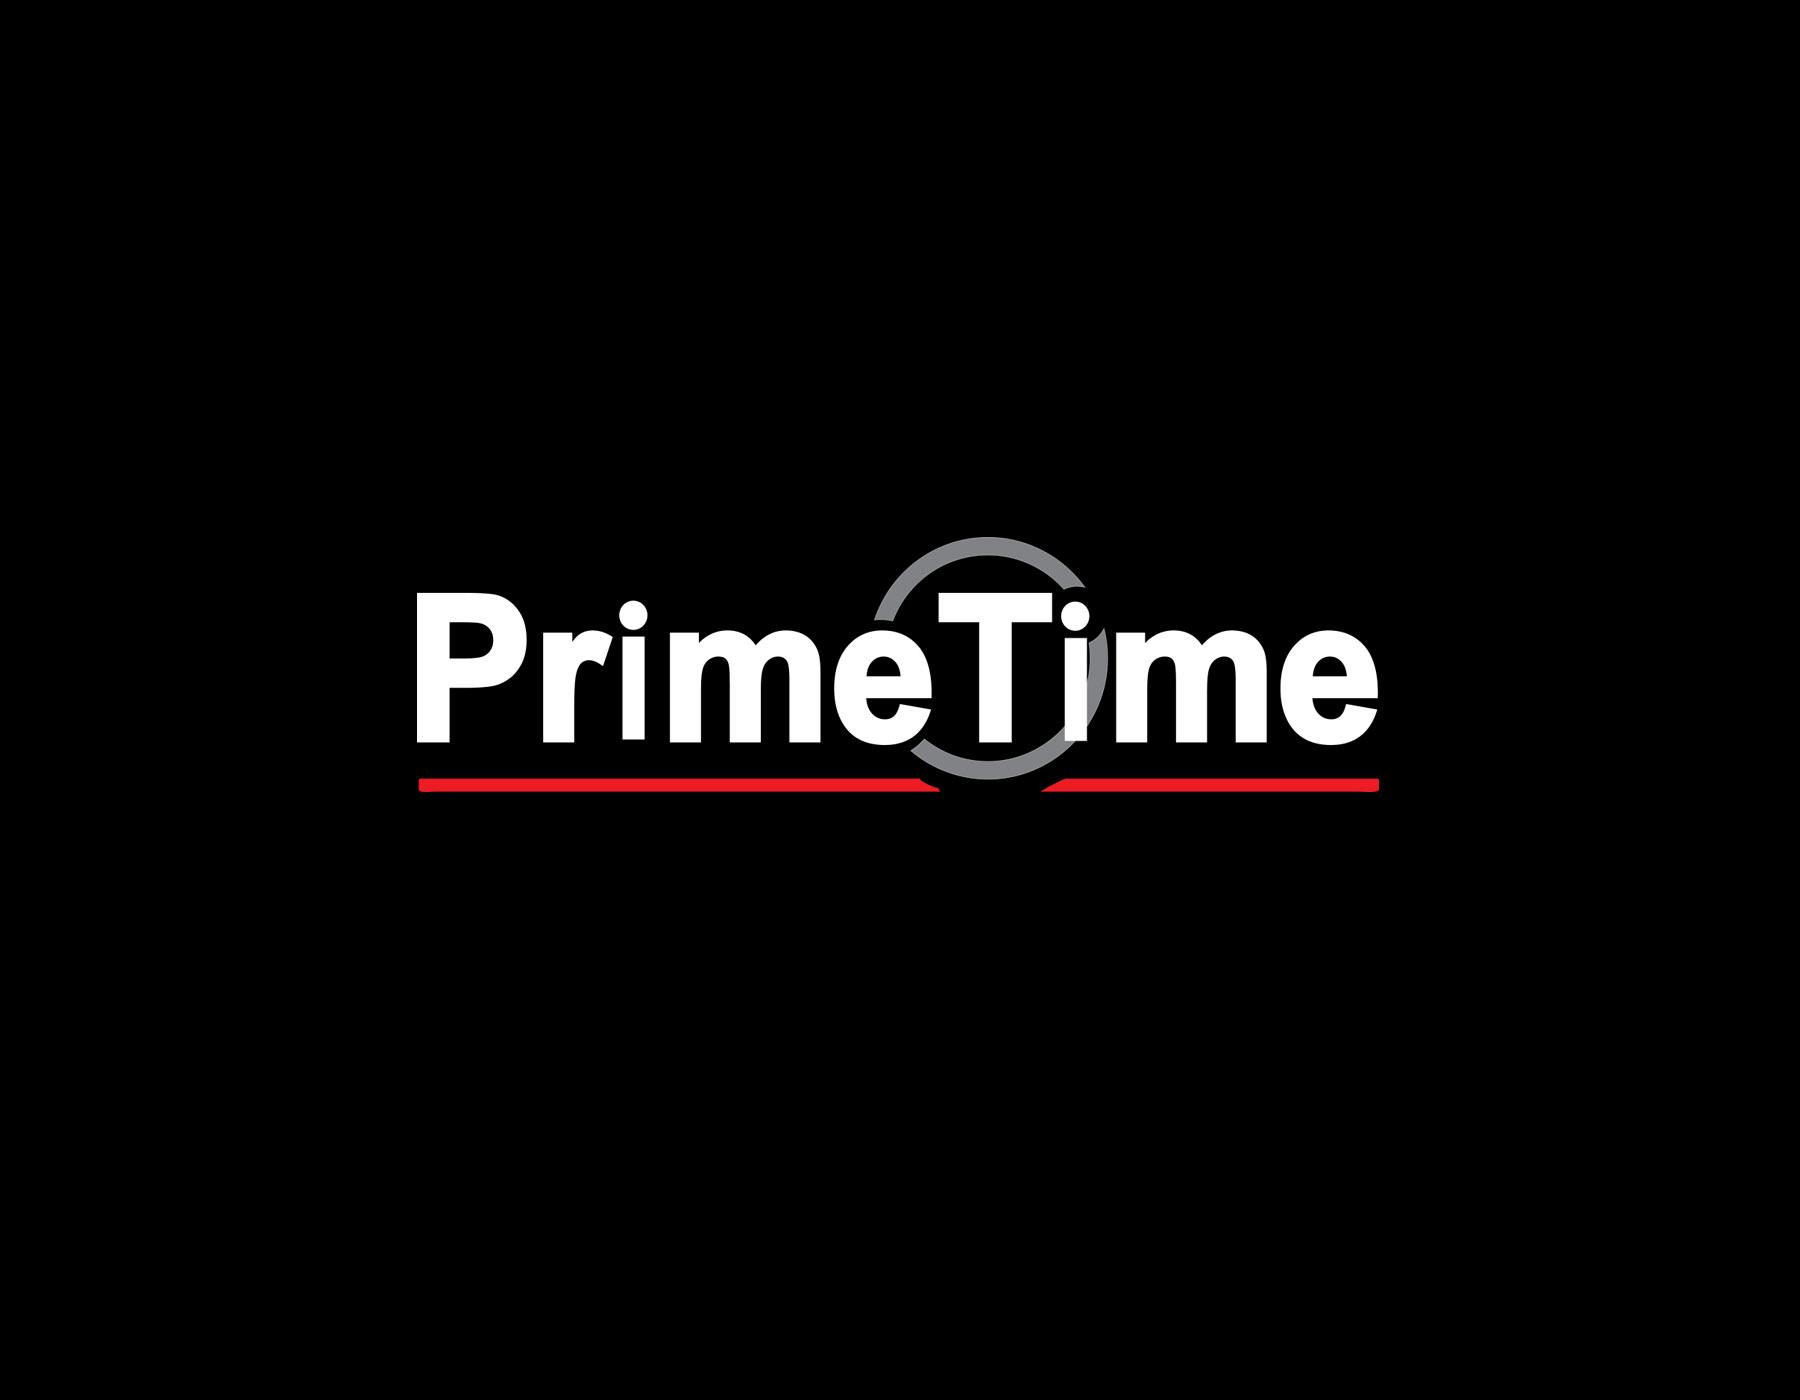 logo Prime Time